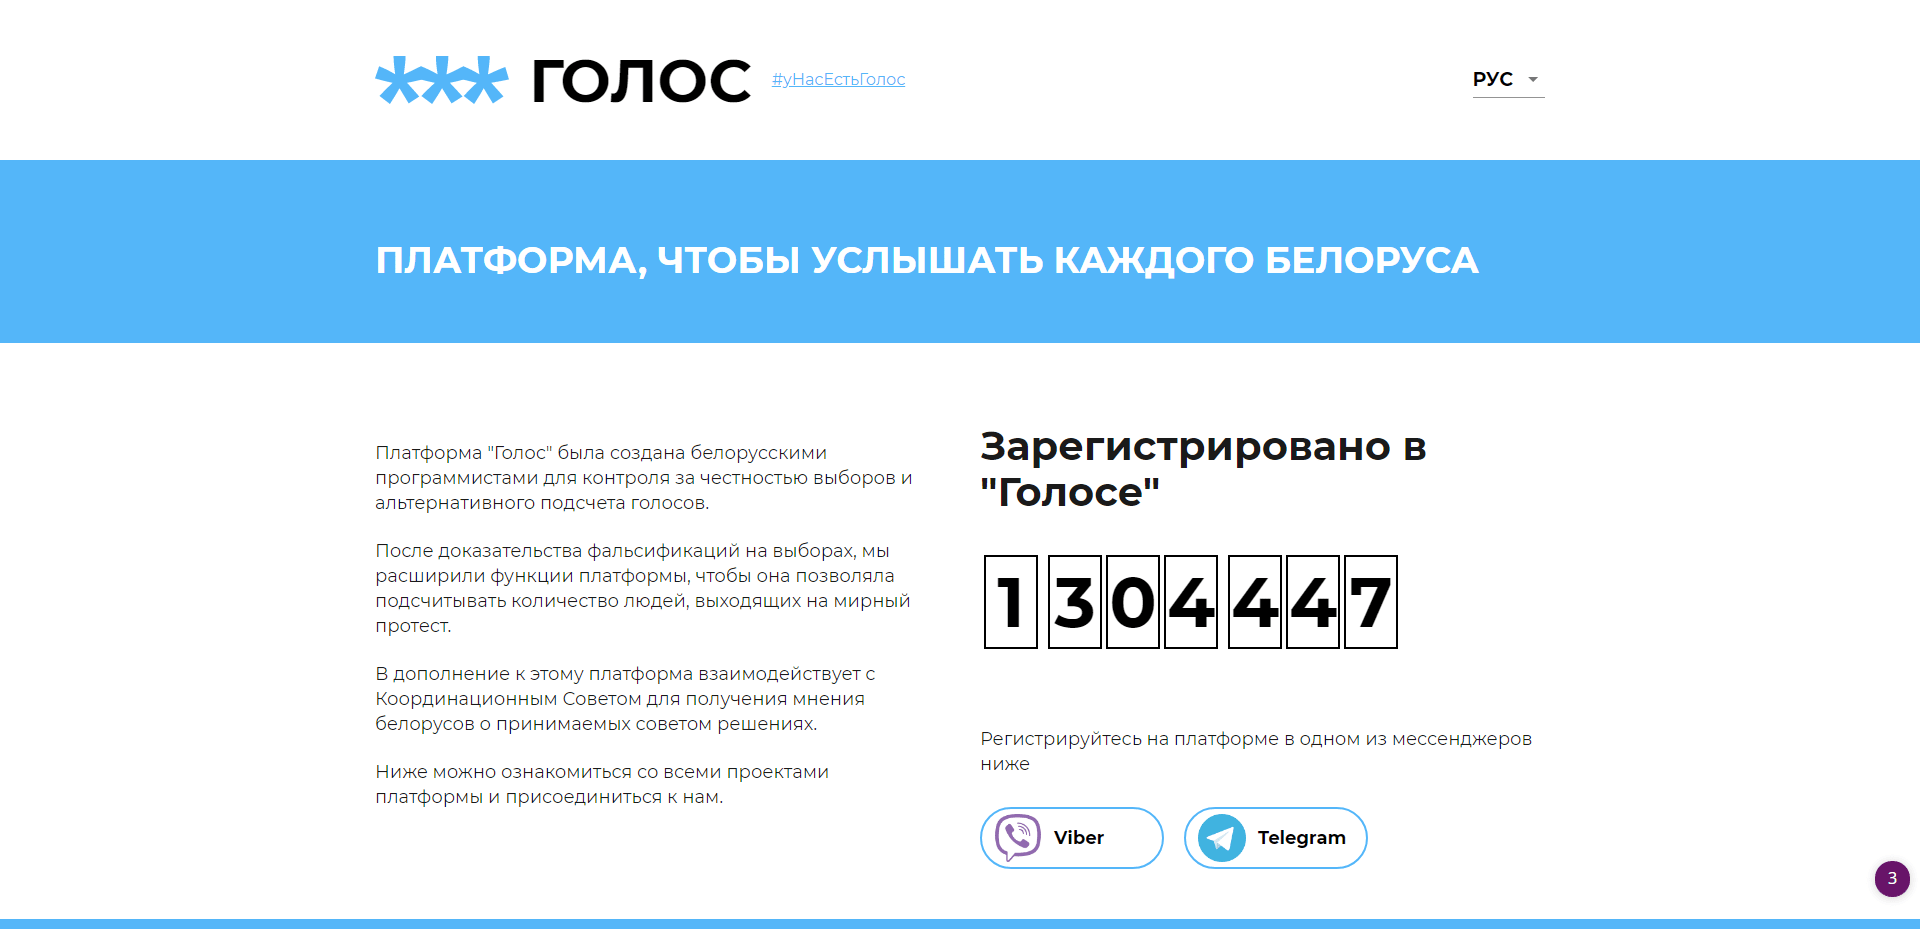 накрутка результатов платформы голос в белоруссии